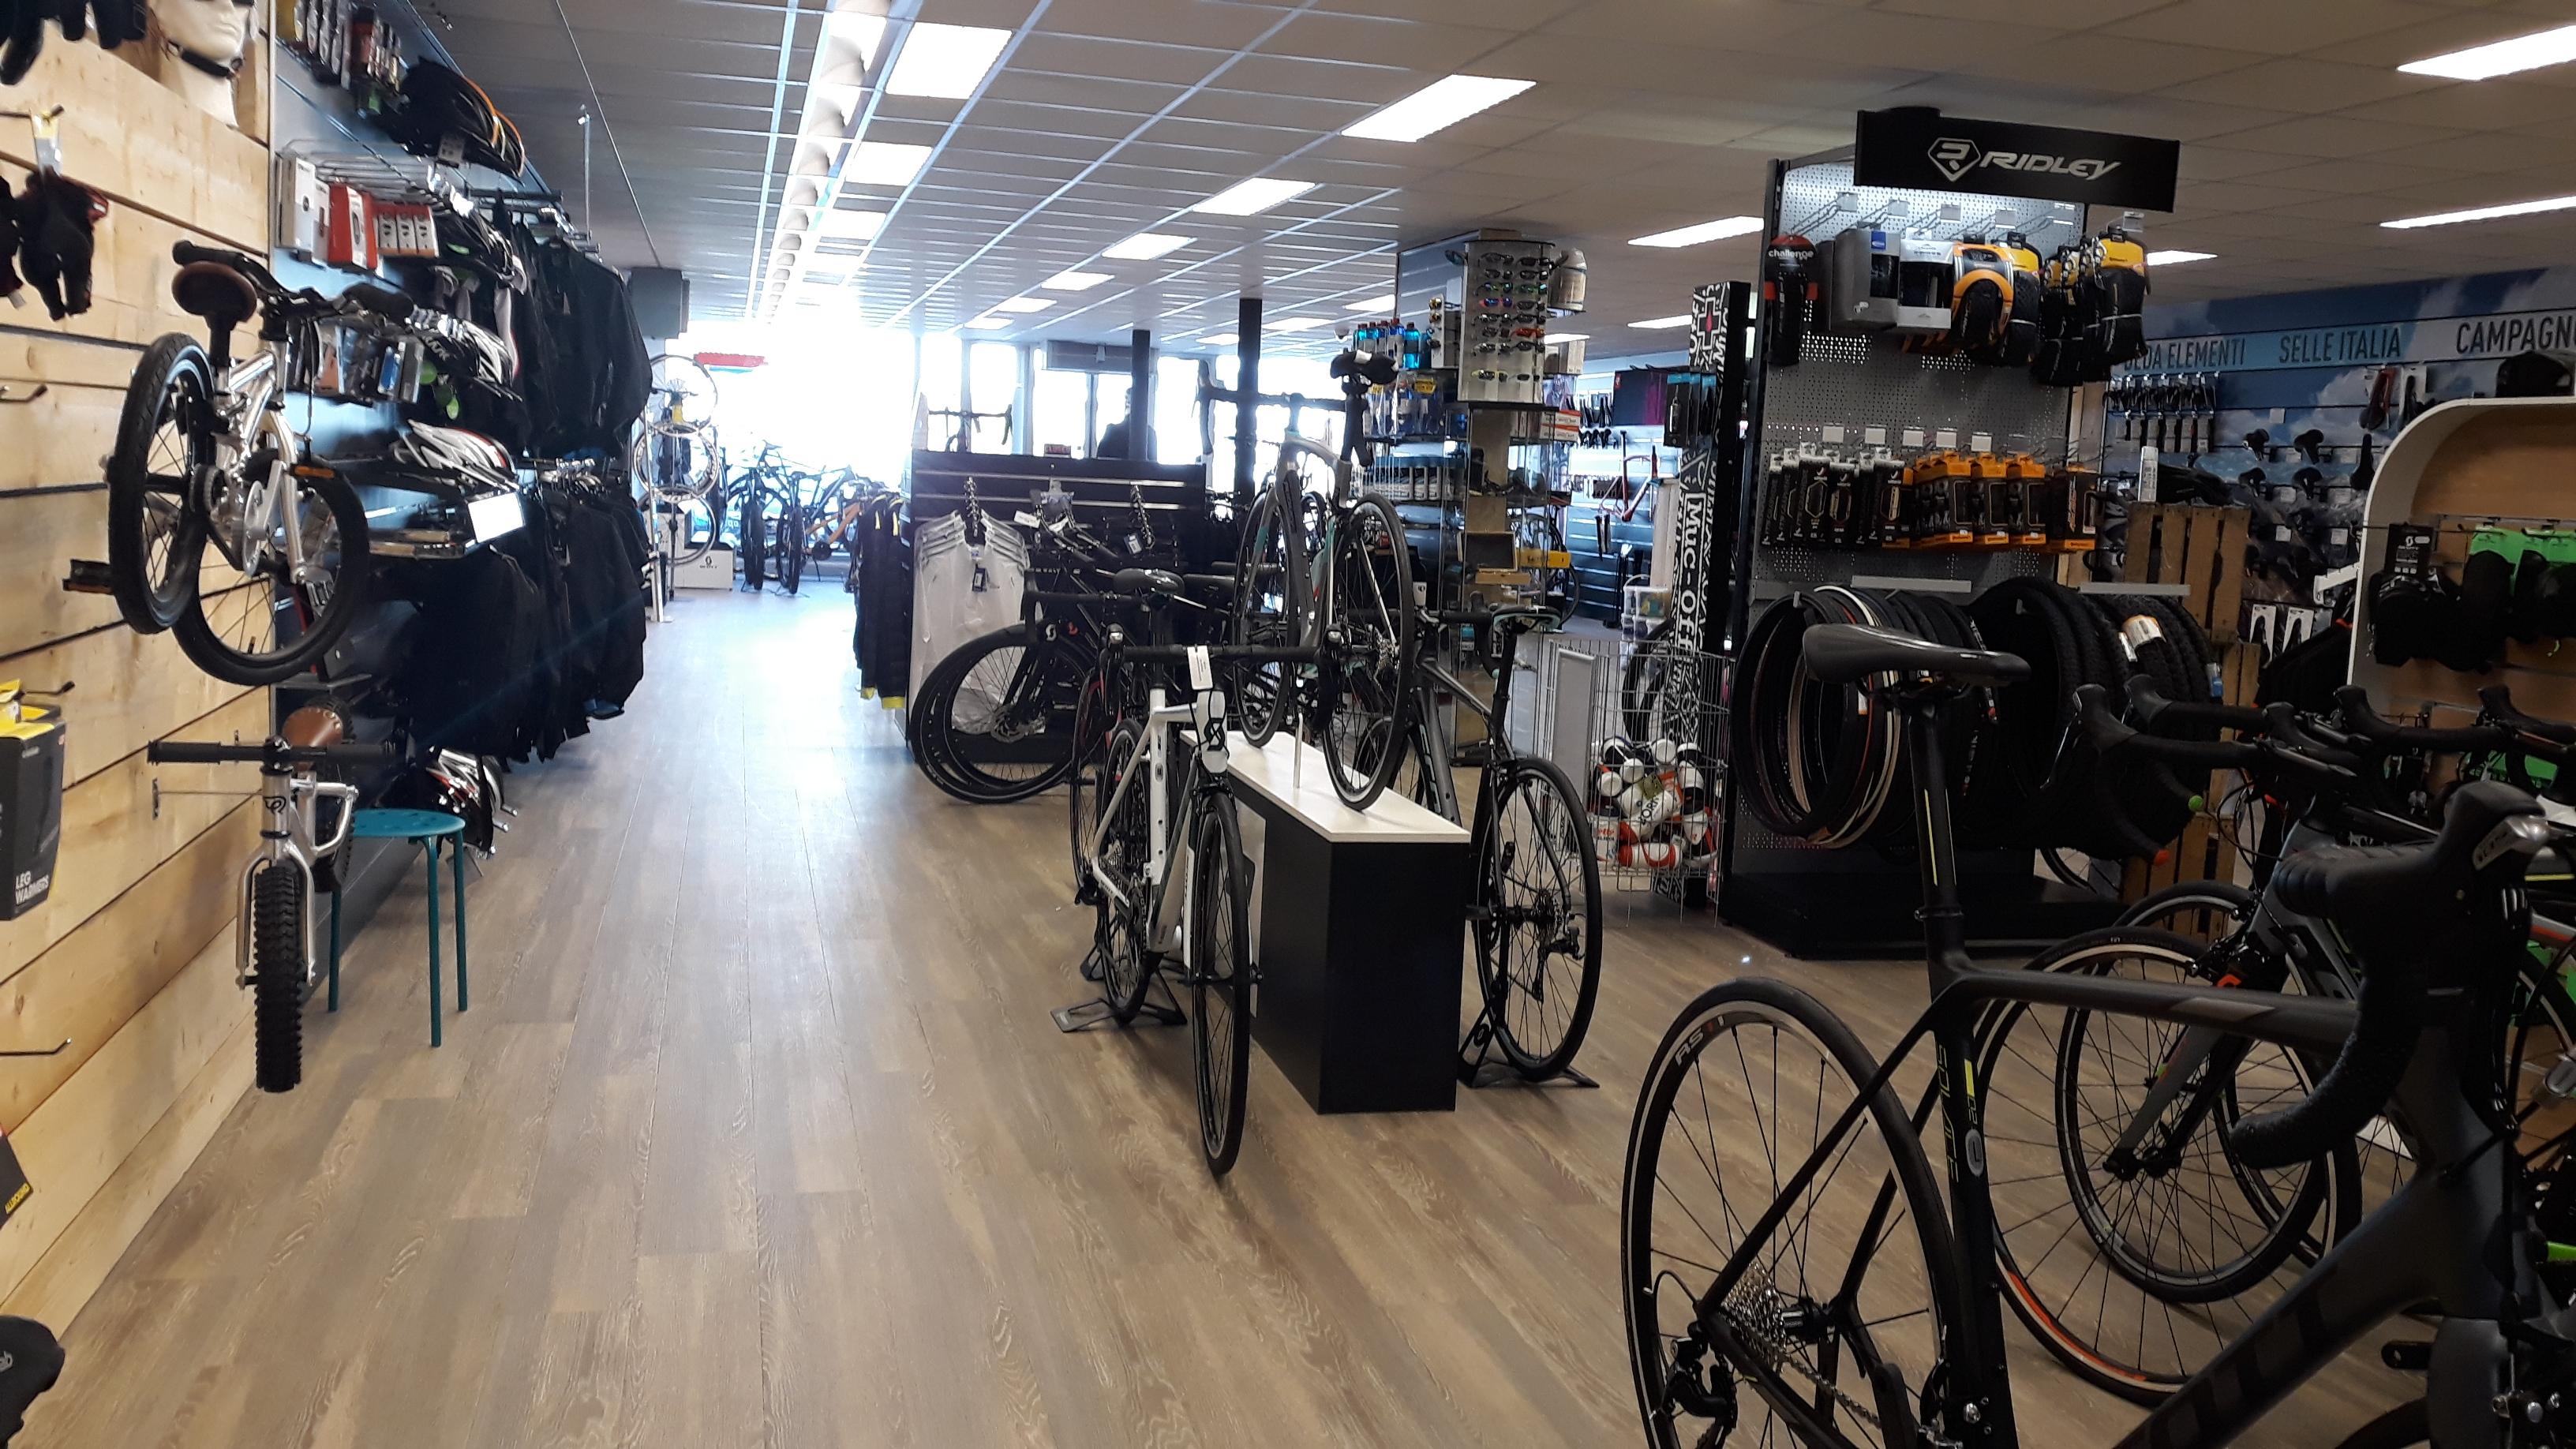 Bezig zijn met de koers is het onderscheidend vermogen van Jansen Wielerport. De winkel is 3 avonden per week open om echt aandacht en tijd aan de klant te kunnen geven.